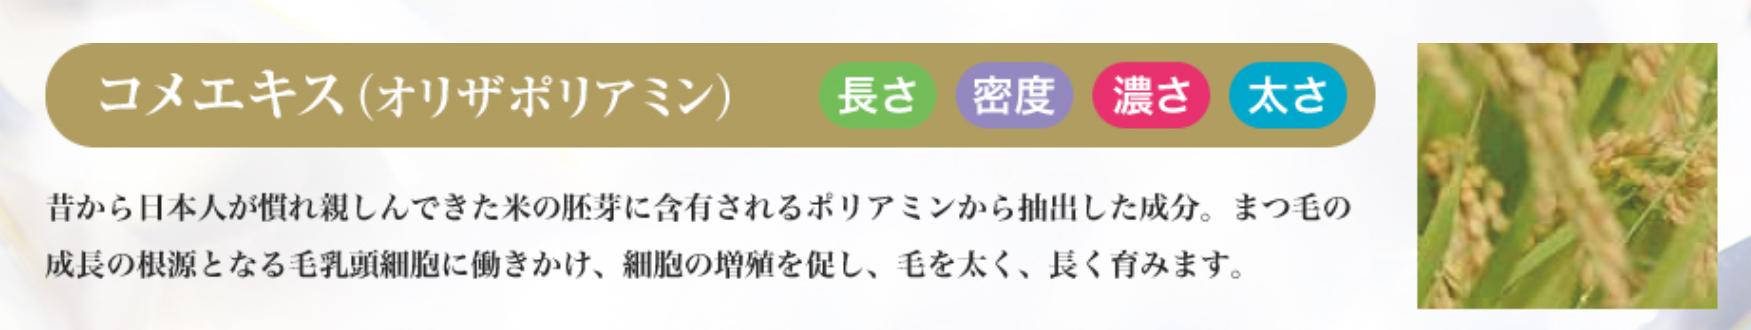 towako4